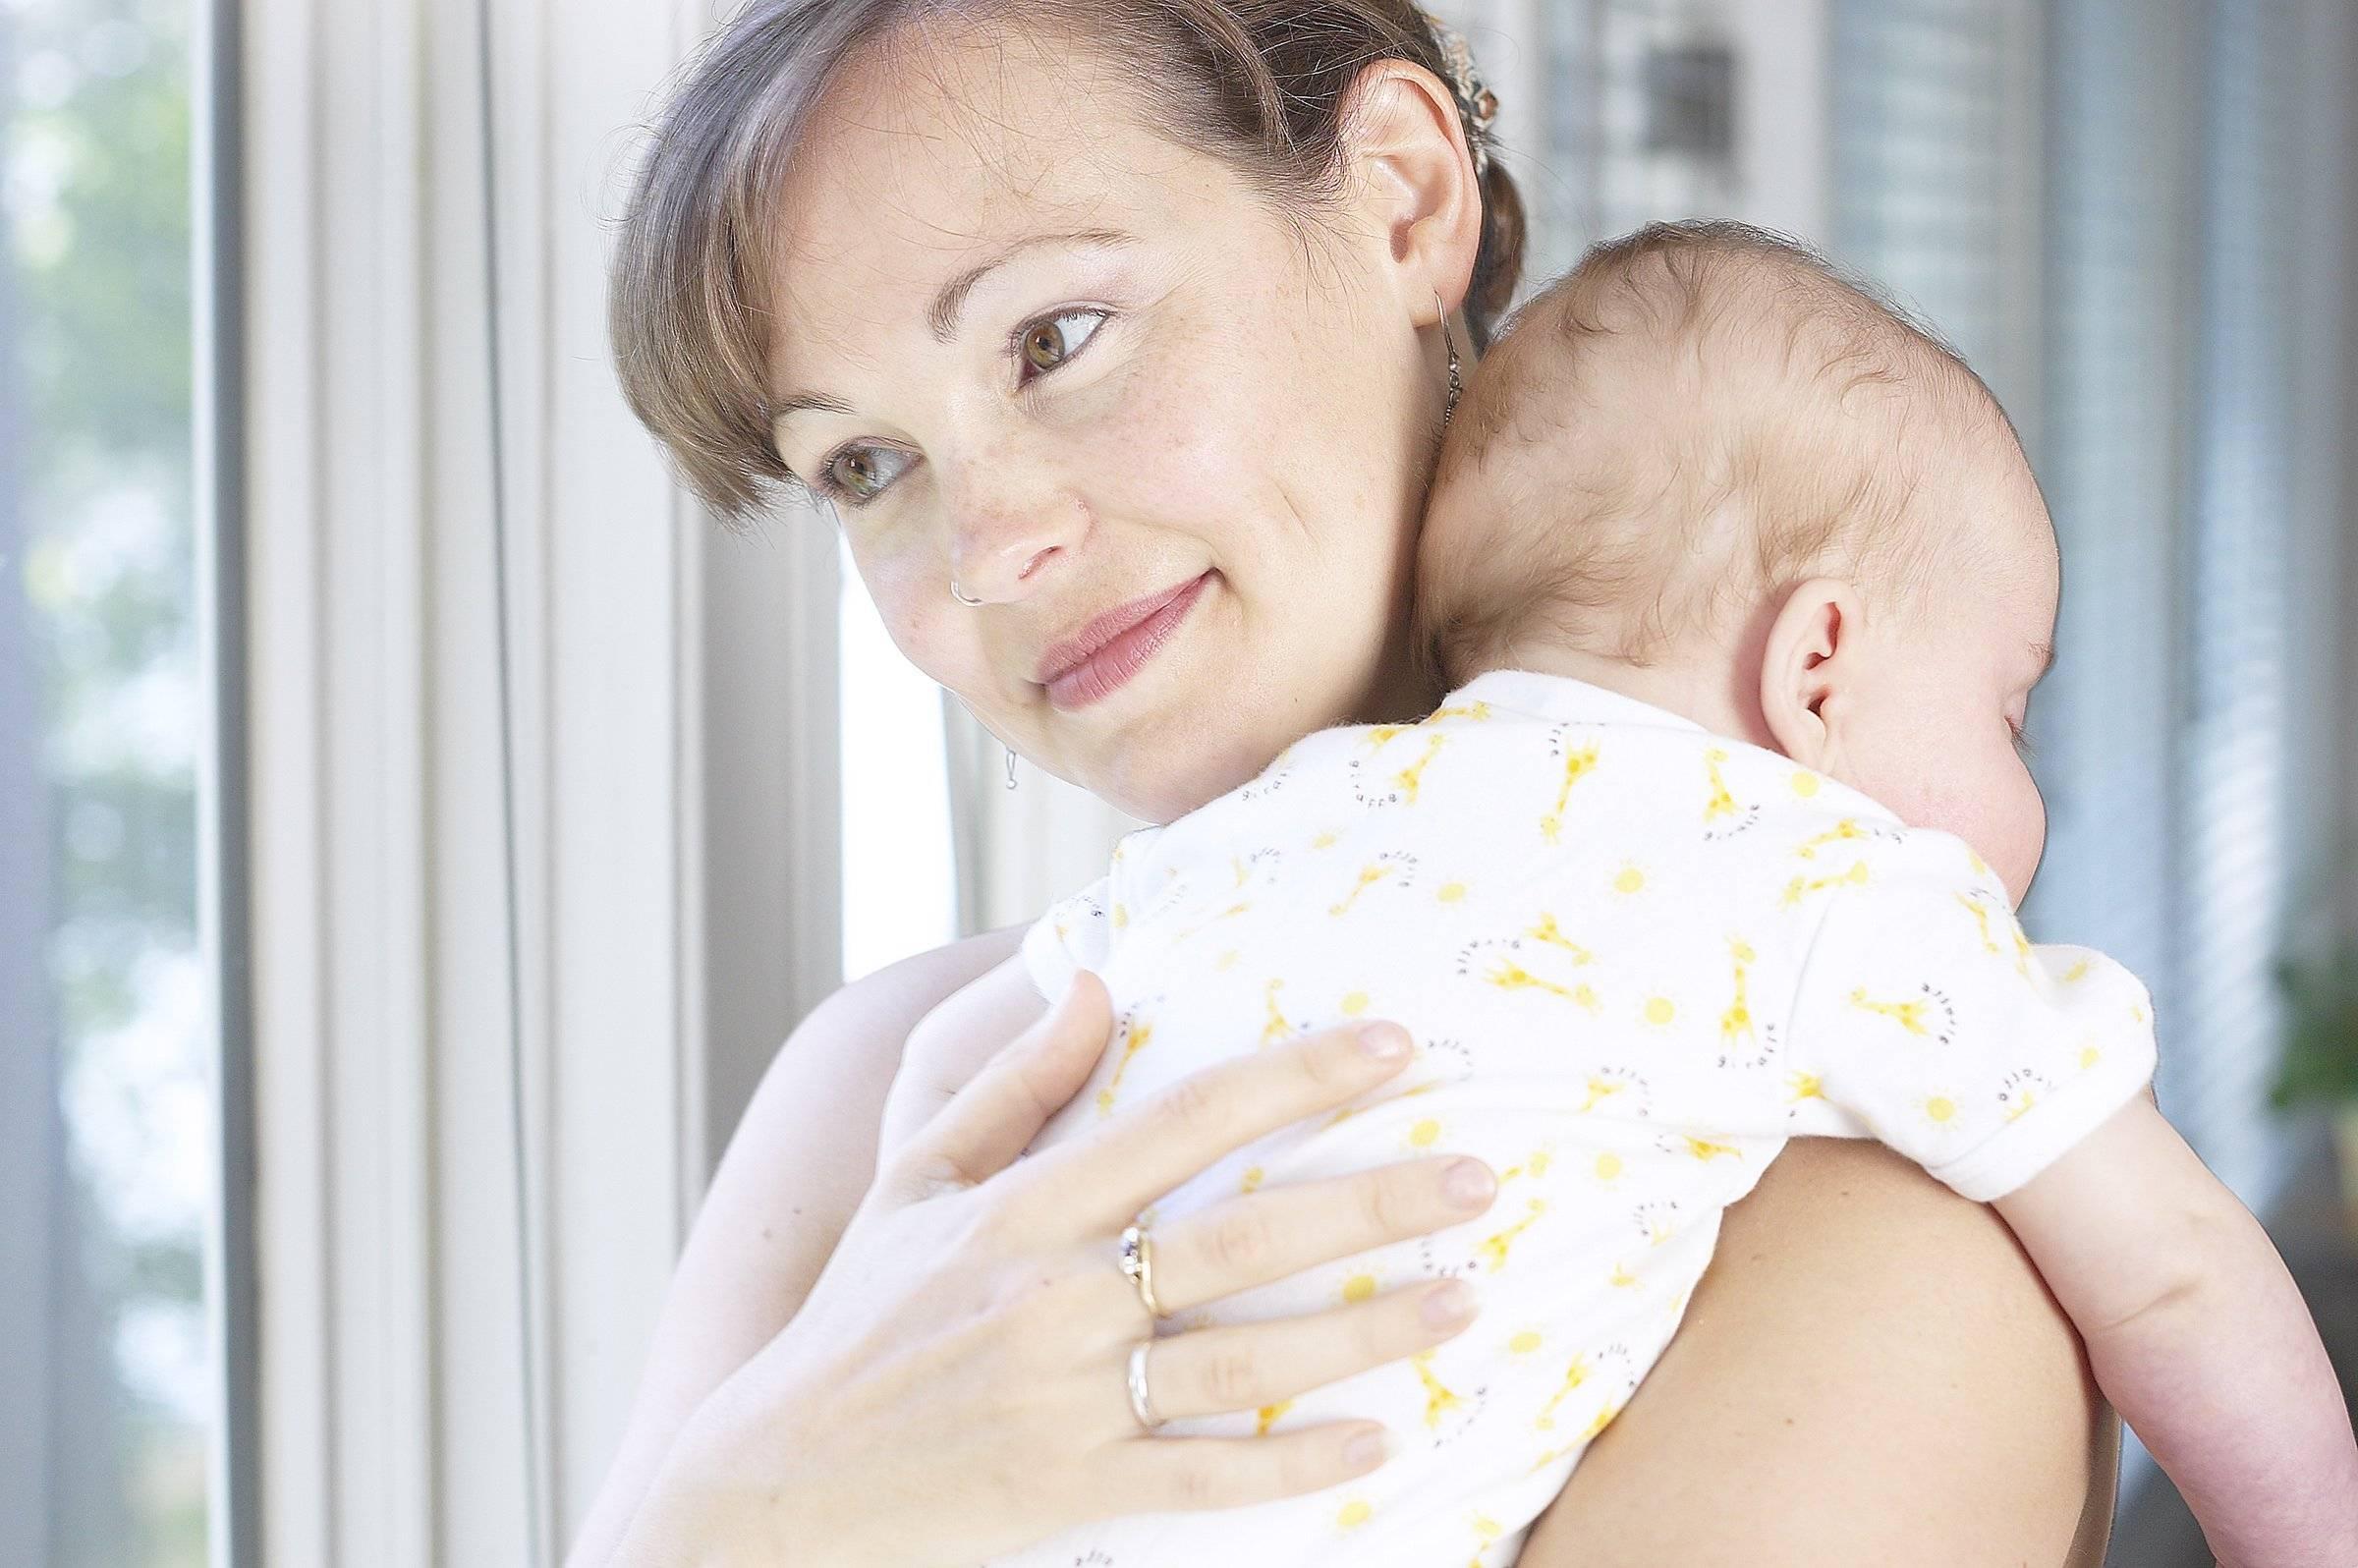 Икота у новорождённых: причины, как избавиться, видео